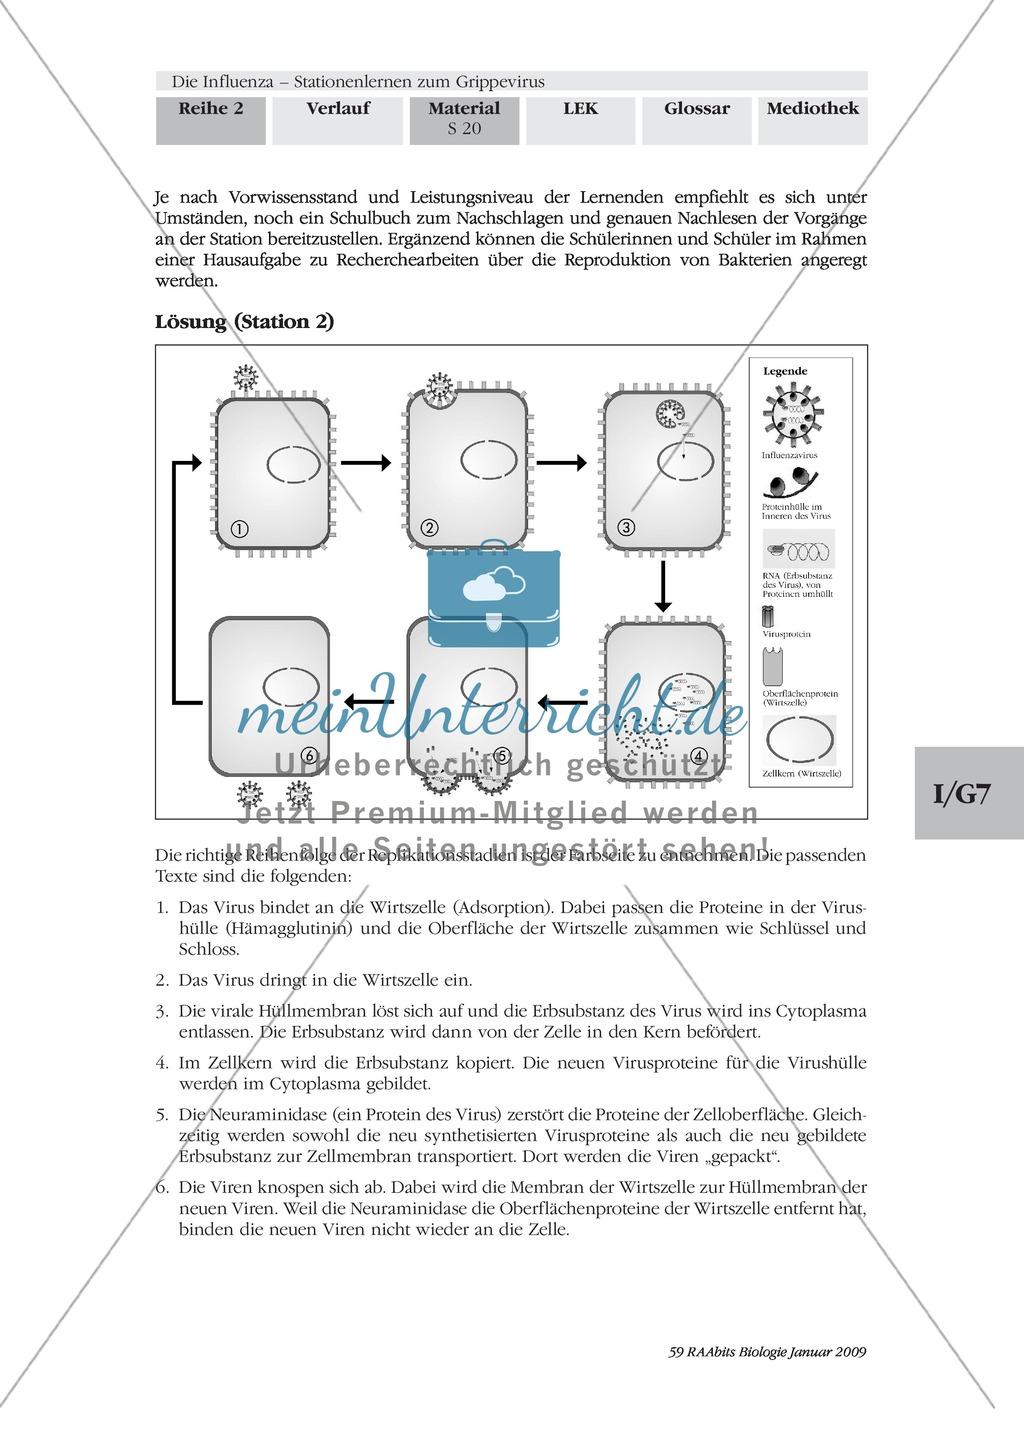 Definition, Beschreibung und Vermehrungskreislauf von Viren am Beispiel Influenza und Vogelgrippe: Textarbeit, Bildbeschreibung, Skizzieren, Eigenrecherche Preview 6